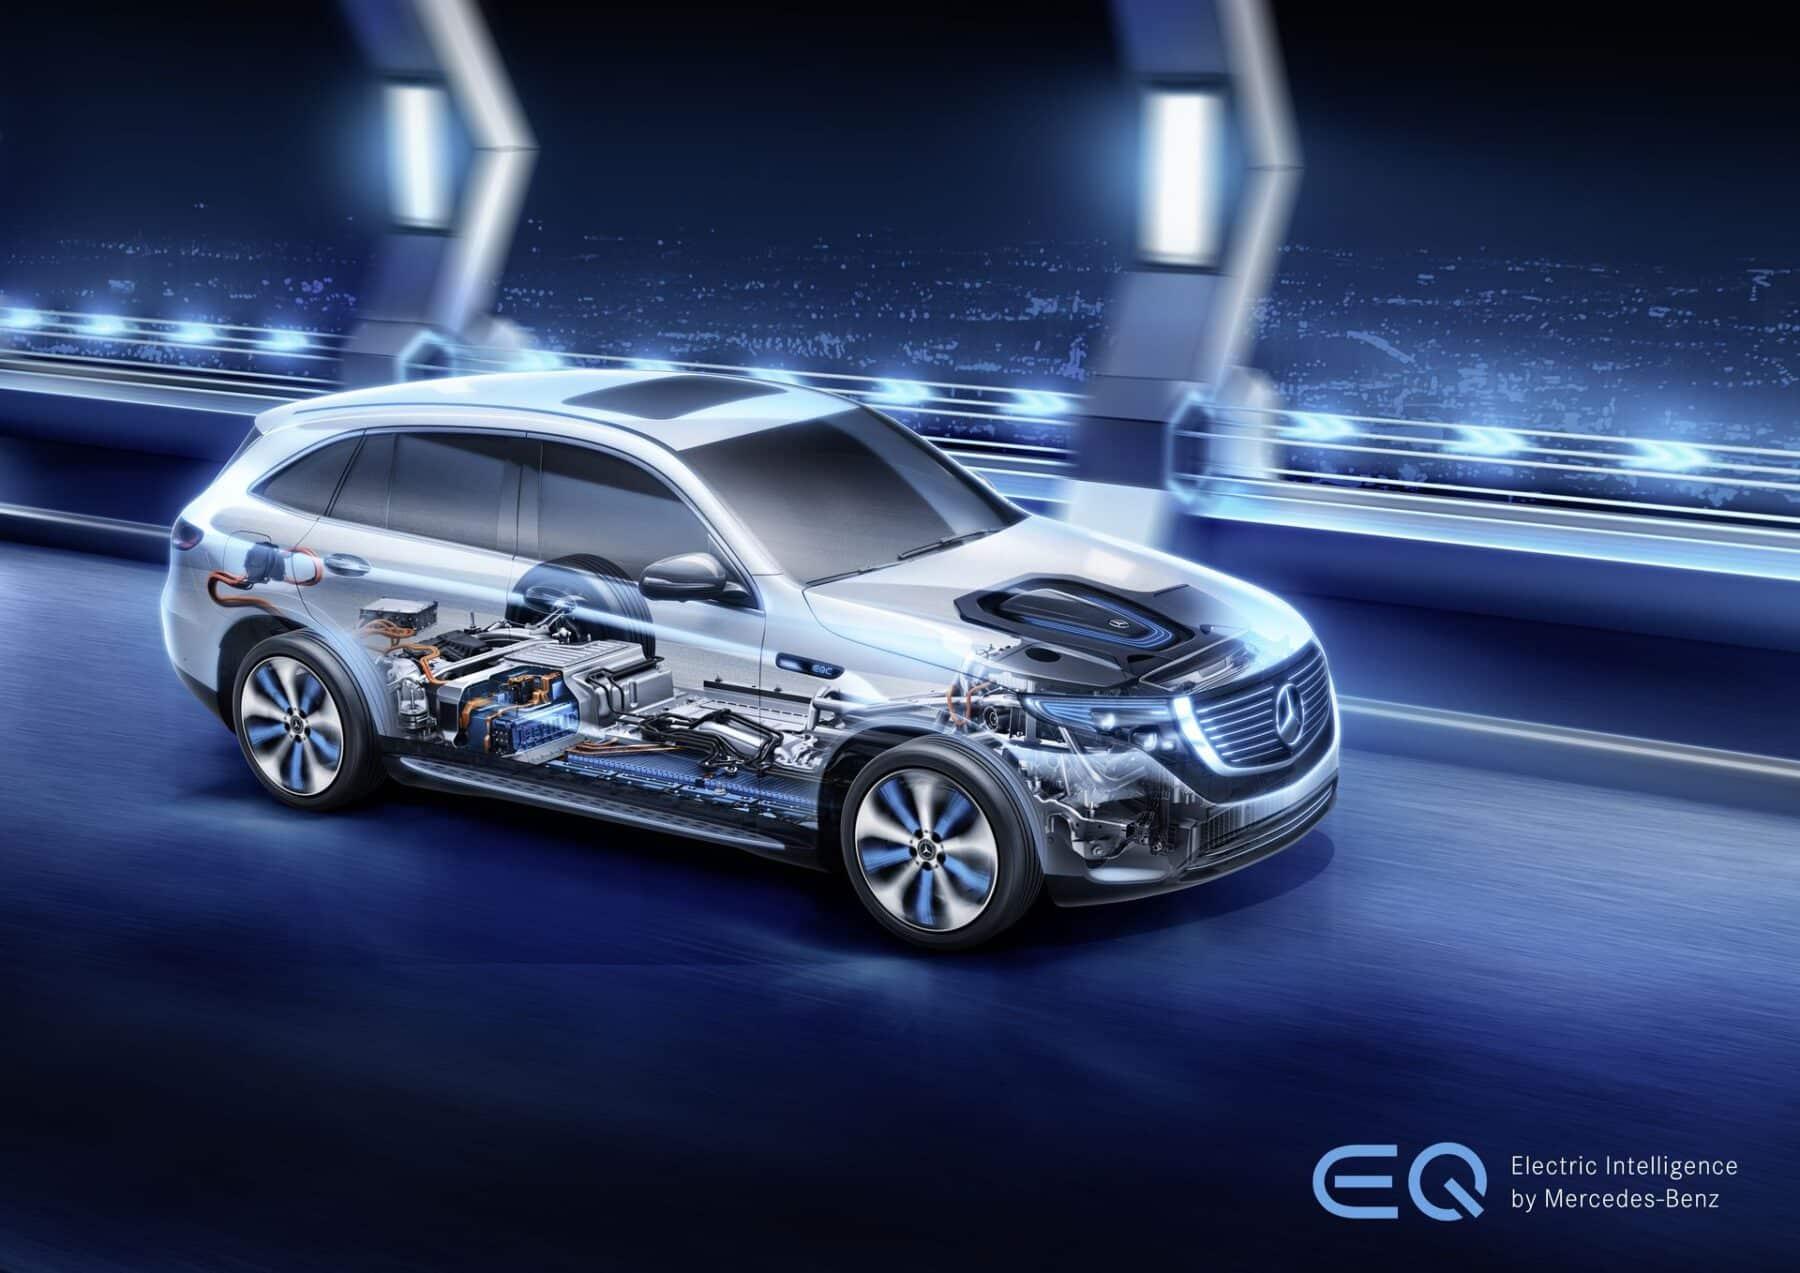 El Mercedes-Benz EQC 400 ya es una realidad: llega en 2019